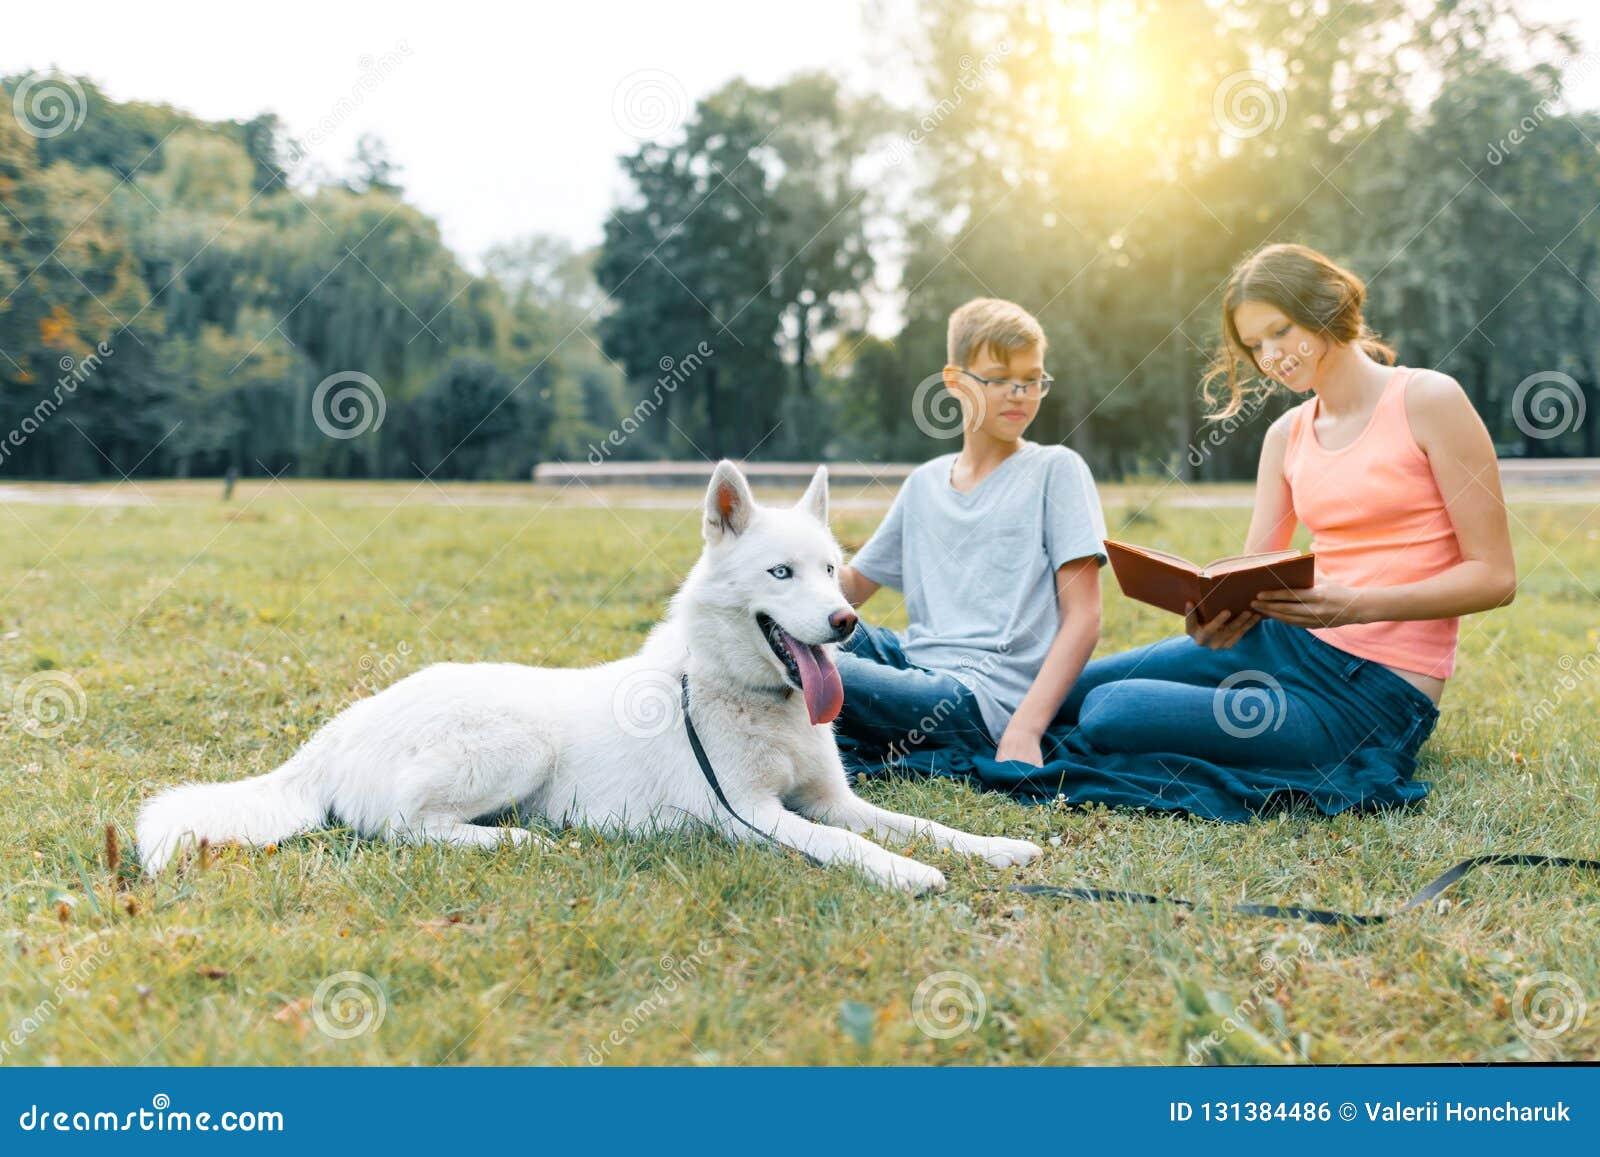 Τα παιδιά στηρίζονται στο πάρκο στον πράσινο χορτοτάπητα με ένα άσπρο σκυλί γεροδεμένο, διαβάζοντας το βιβλίο, ομιλία